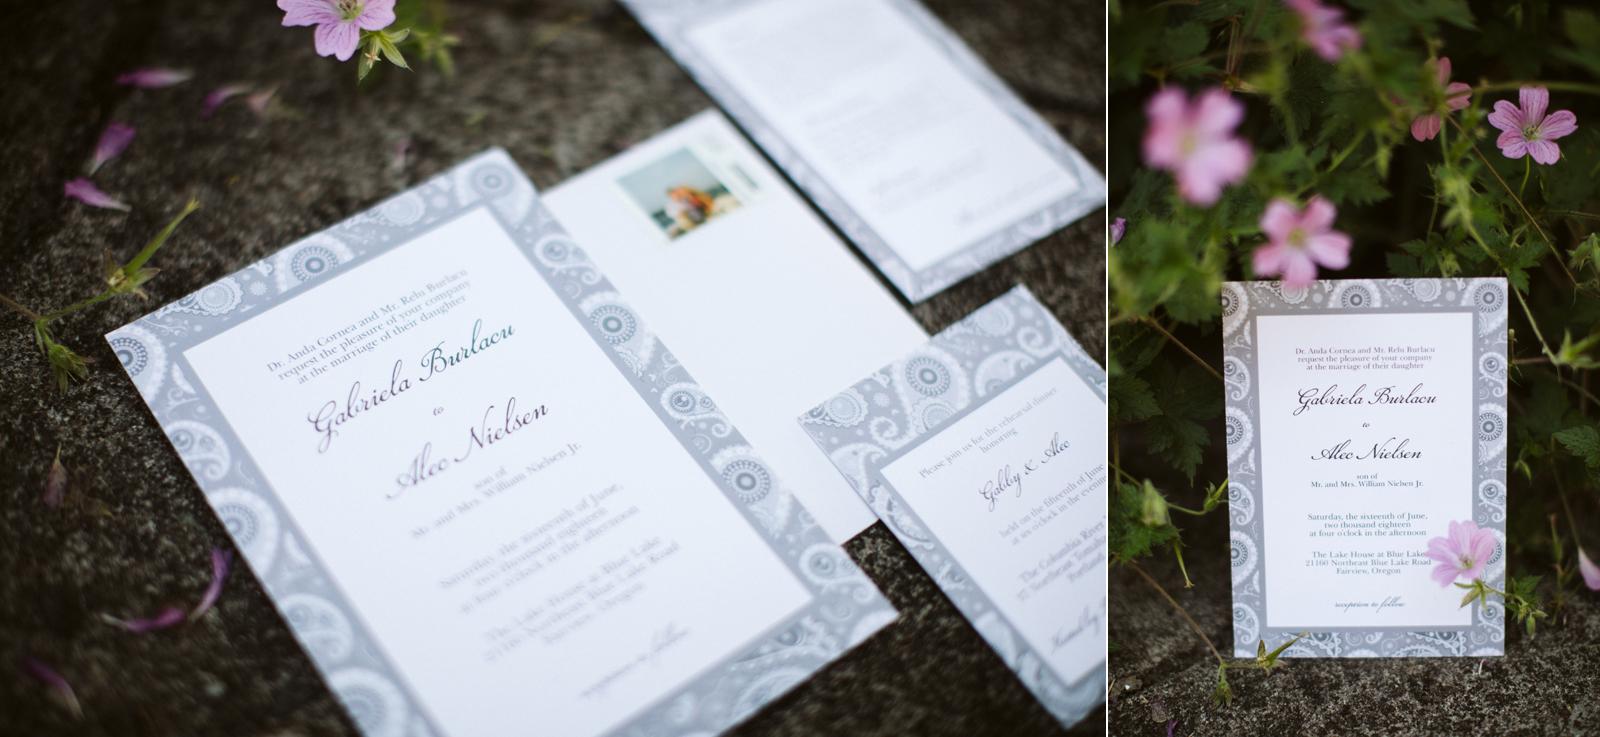 006-daronjackson-gabby-alec-wedding.jpg